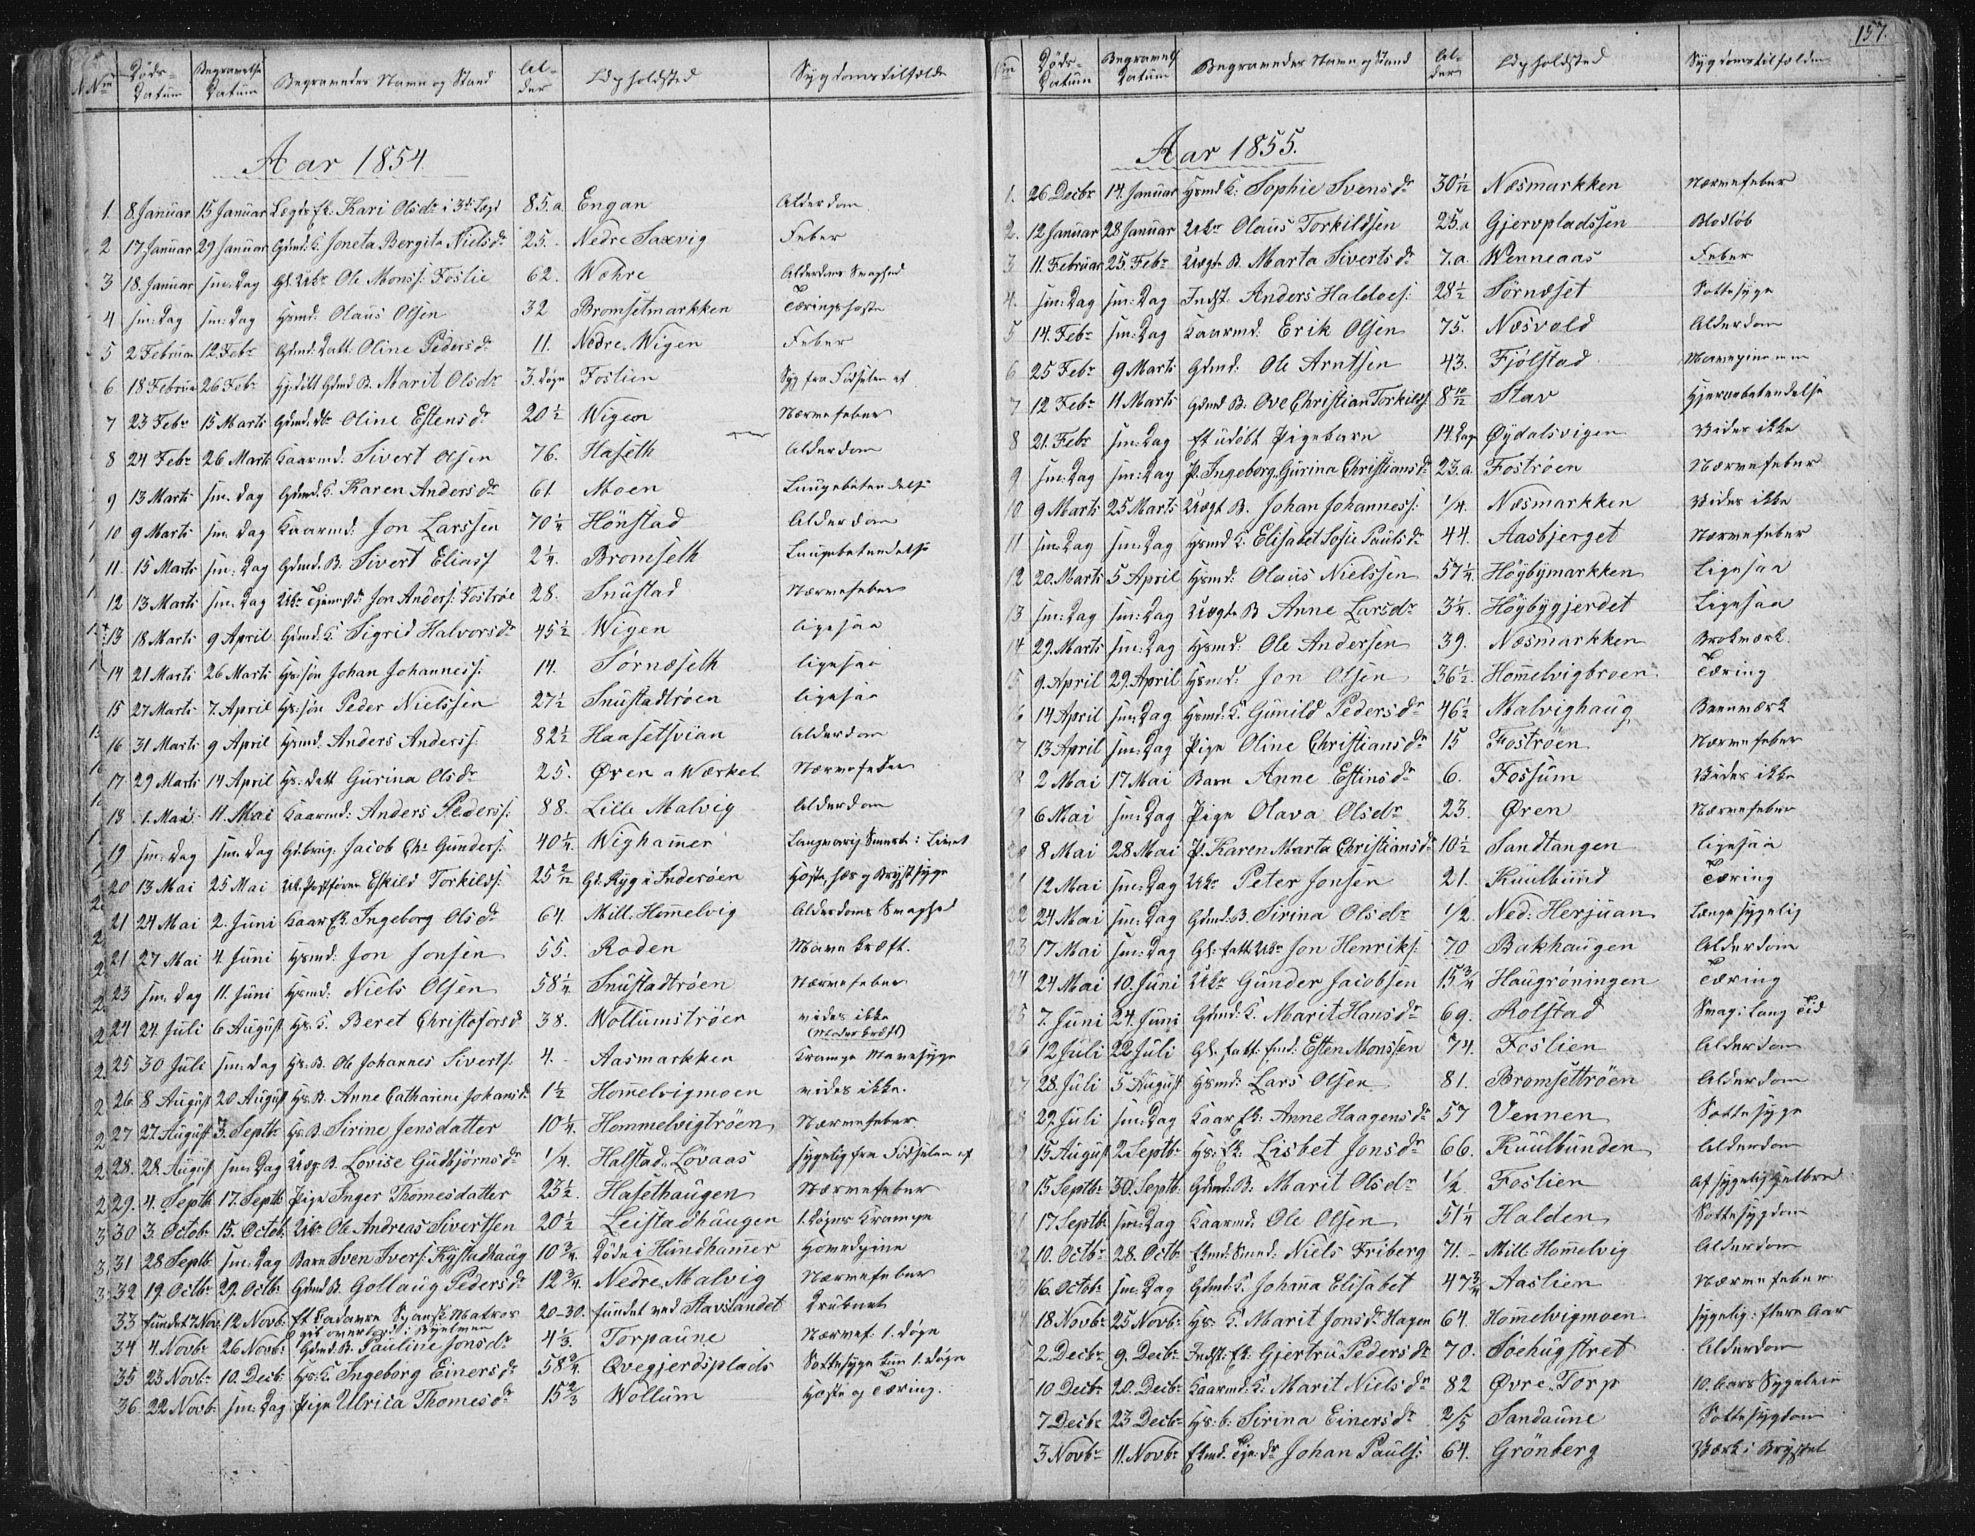 SAT, Ministerialprotokoller, klokkerbøker og fødselsregistre - Sør-Trøndelag, 616/L0406: Ministerialbok nr. 616A03, 1843-1879, s. 157